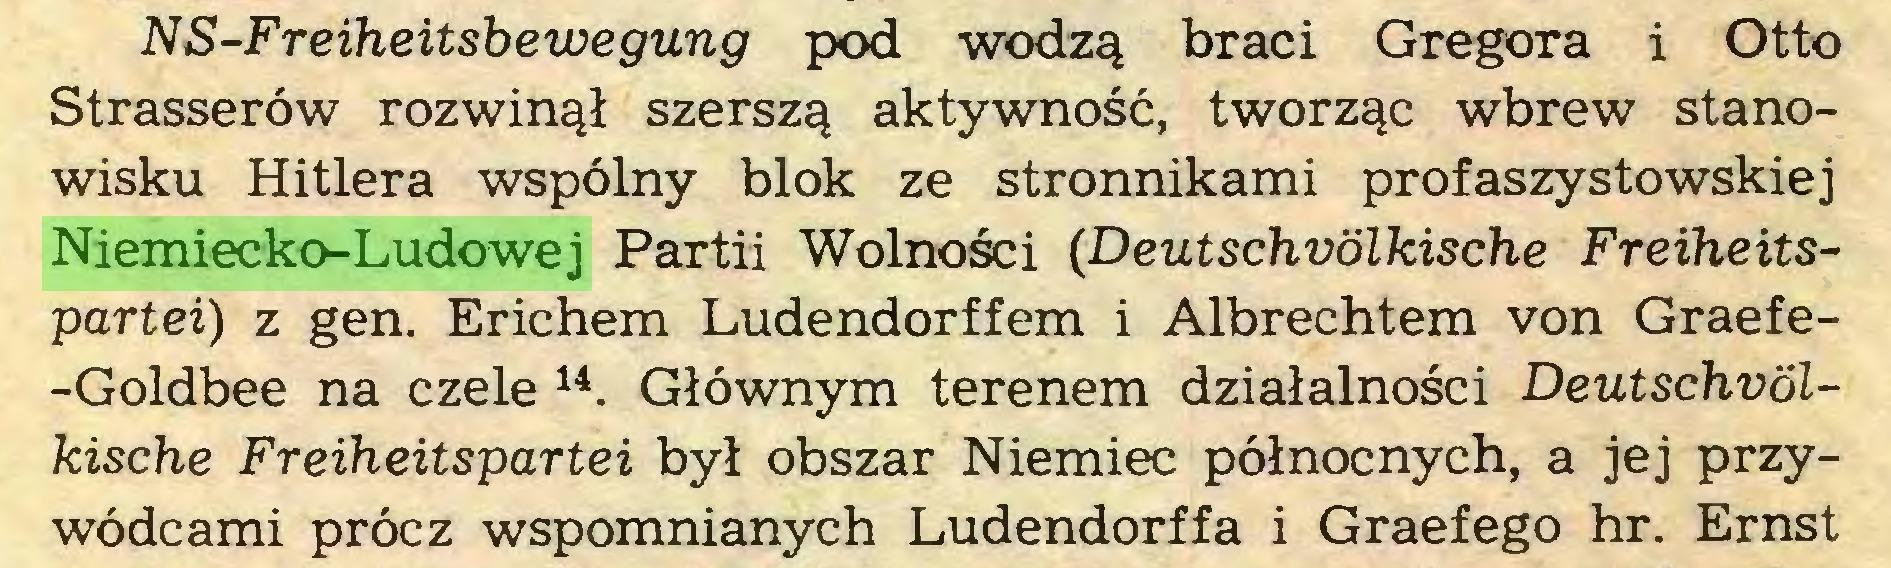 (...) NS-Freiheitsbewegung pod wodzą braci Gregora i Otto Strasserów rozwinął szerszą aktywność, tworząc wbrew stanowisku Hitlera wspólny blok ze stronnikami profaszystowskiej Niemiecko-Ludowej Partii Wolności (Deutschvölkische Freiheitspartei) z gen. Erichem Ludendorffem i Albrechtem von Graefe-Goldbee na czele 14. Głównym terenem działalności Deutschvölkische Freiheitspartei był obszar Niemiec północnych, a jej przywódcami prócz wspomnianych Ludendorffa i Graefego hr. Ernst...